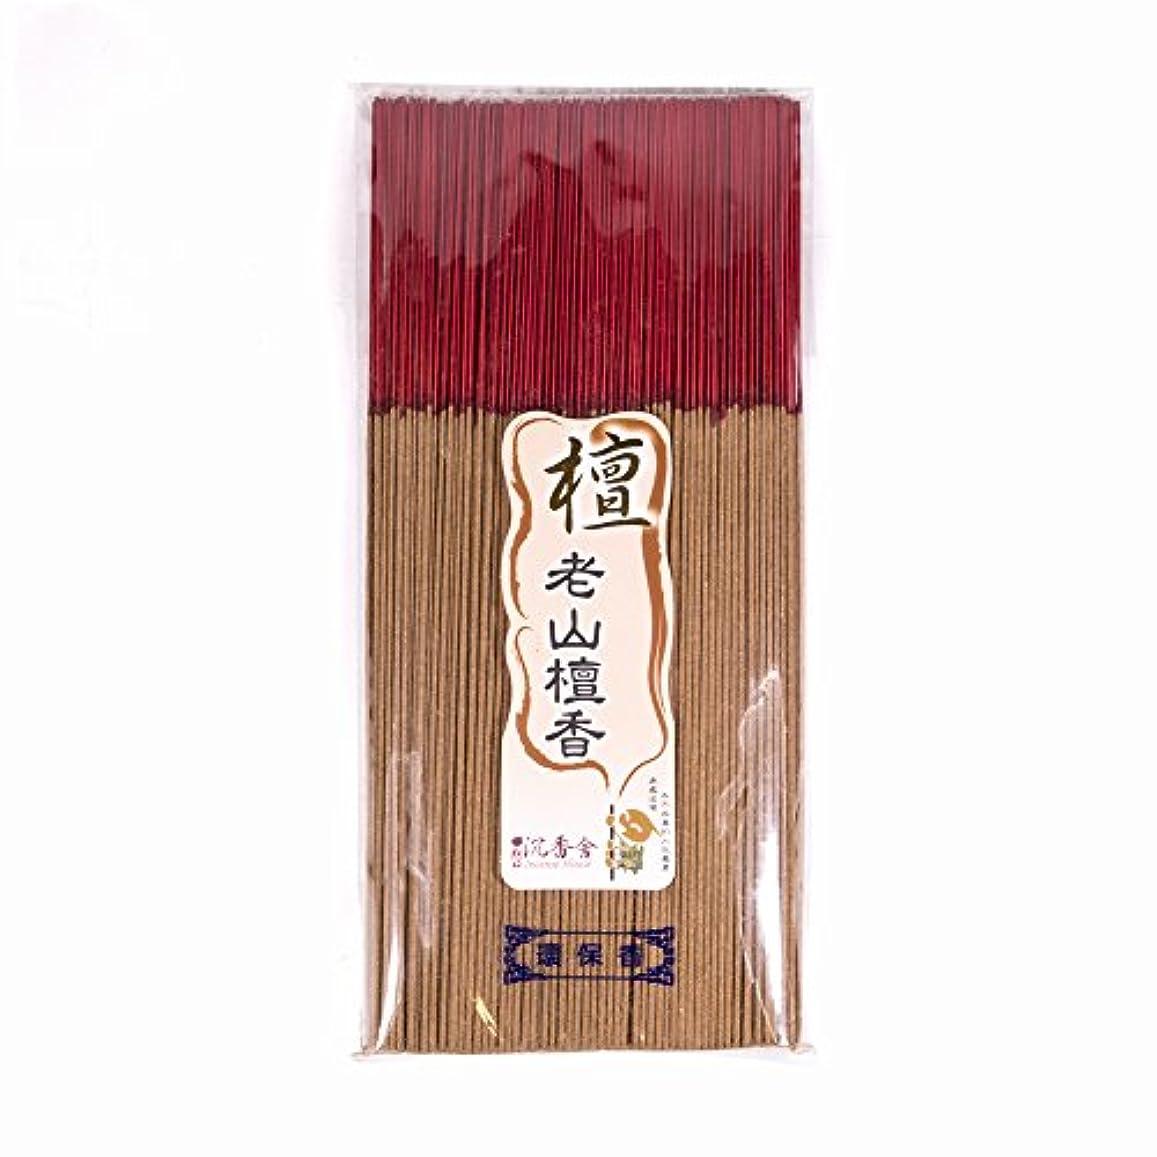 ぼかし報告書とげ台湾沉香舍 老山檀香 台湾のお香家 - 檀香 30cm (木支香) 300g 約400本